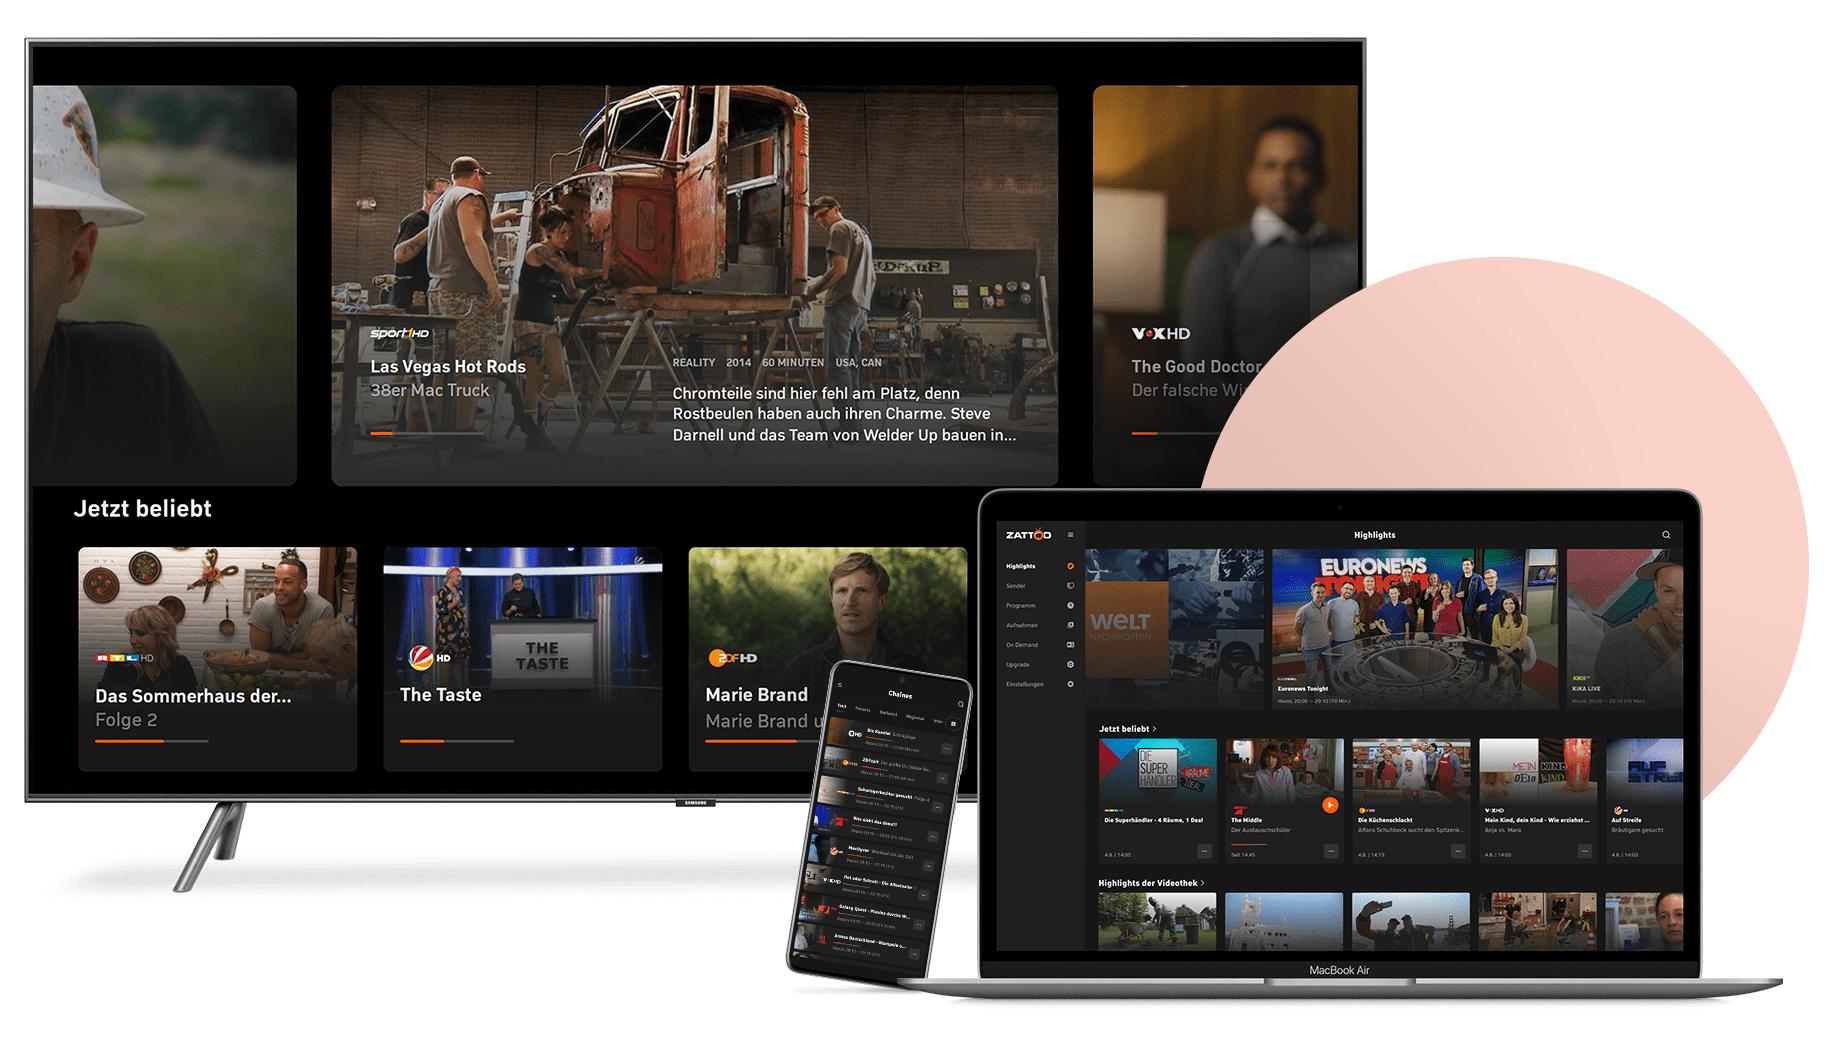 Ein Bäumchen für jeden neuen Gratismonat! TV Streaming Angebot!